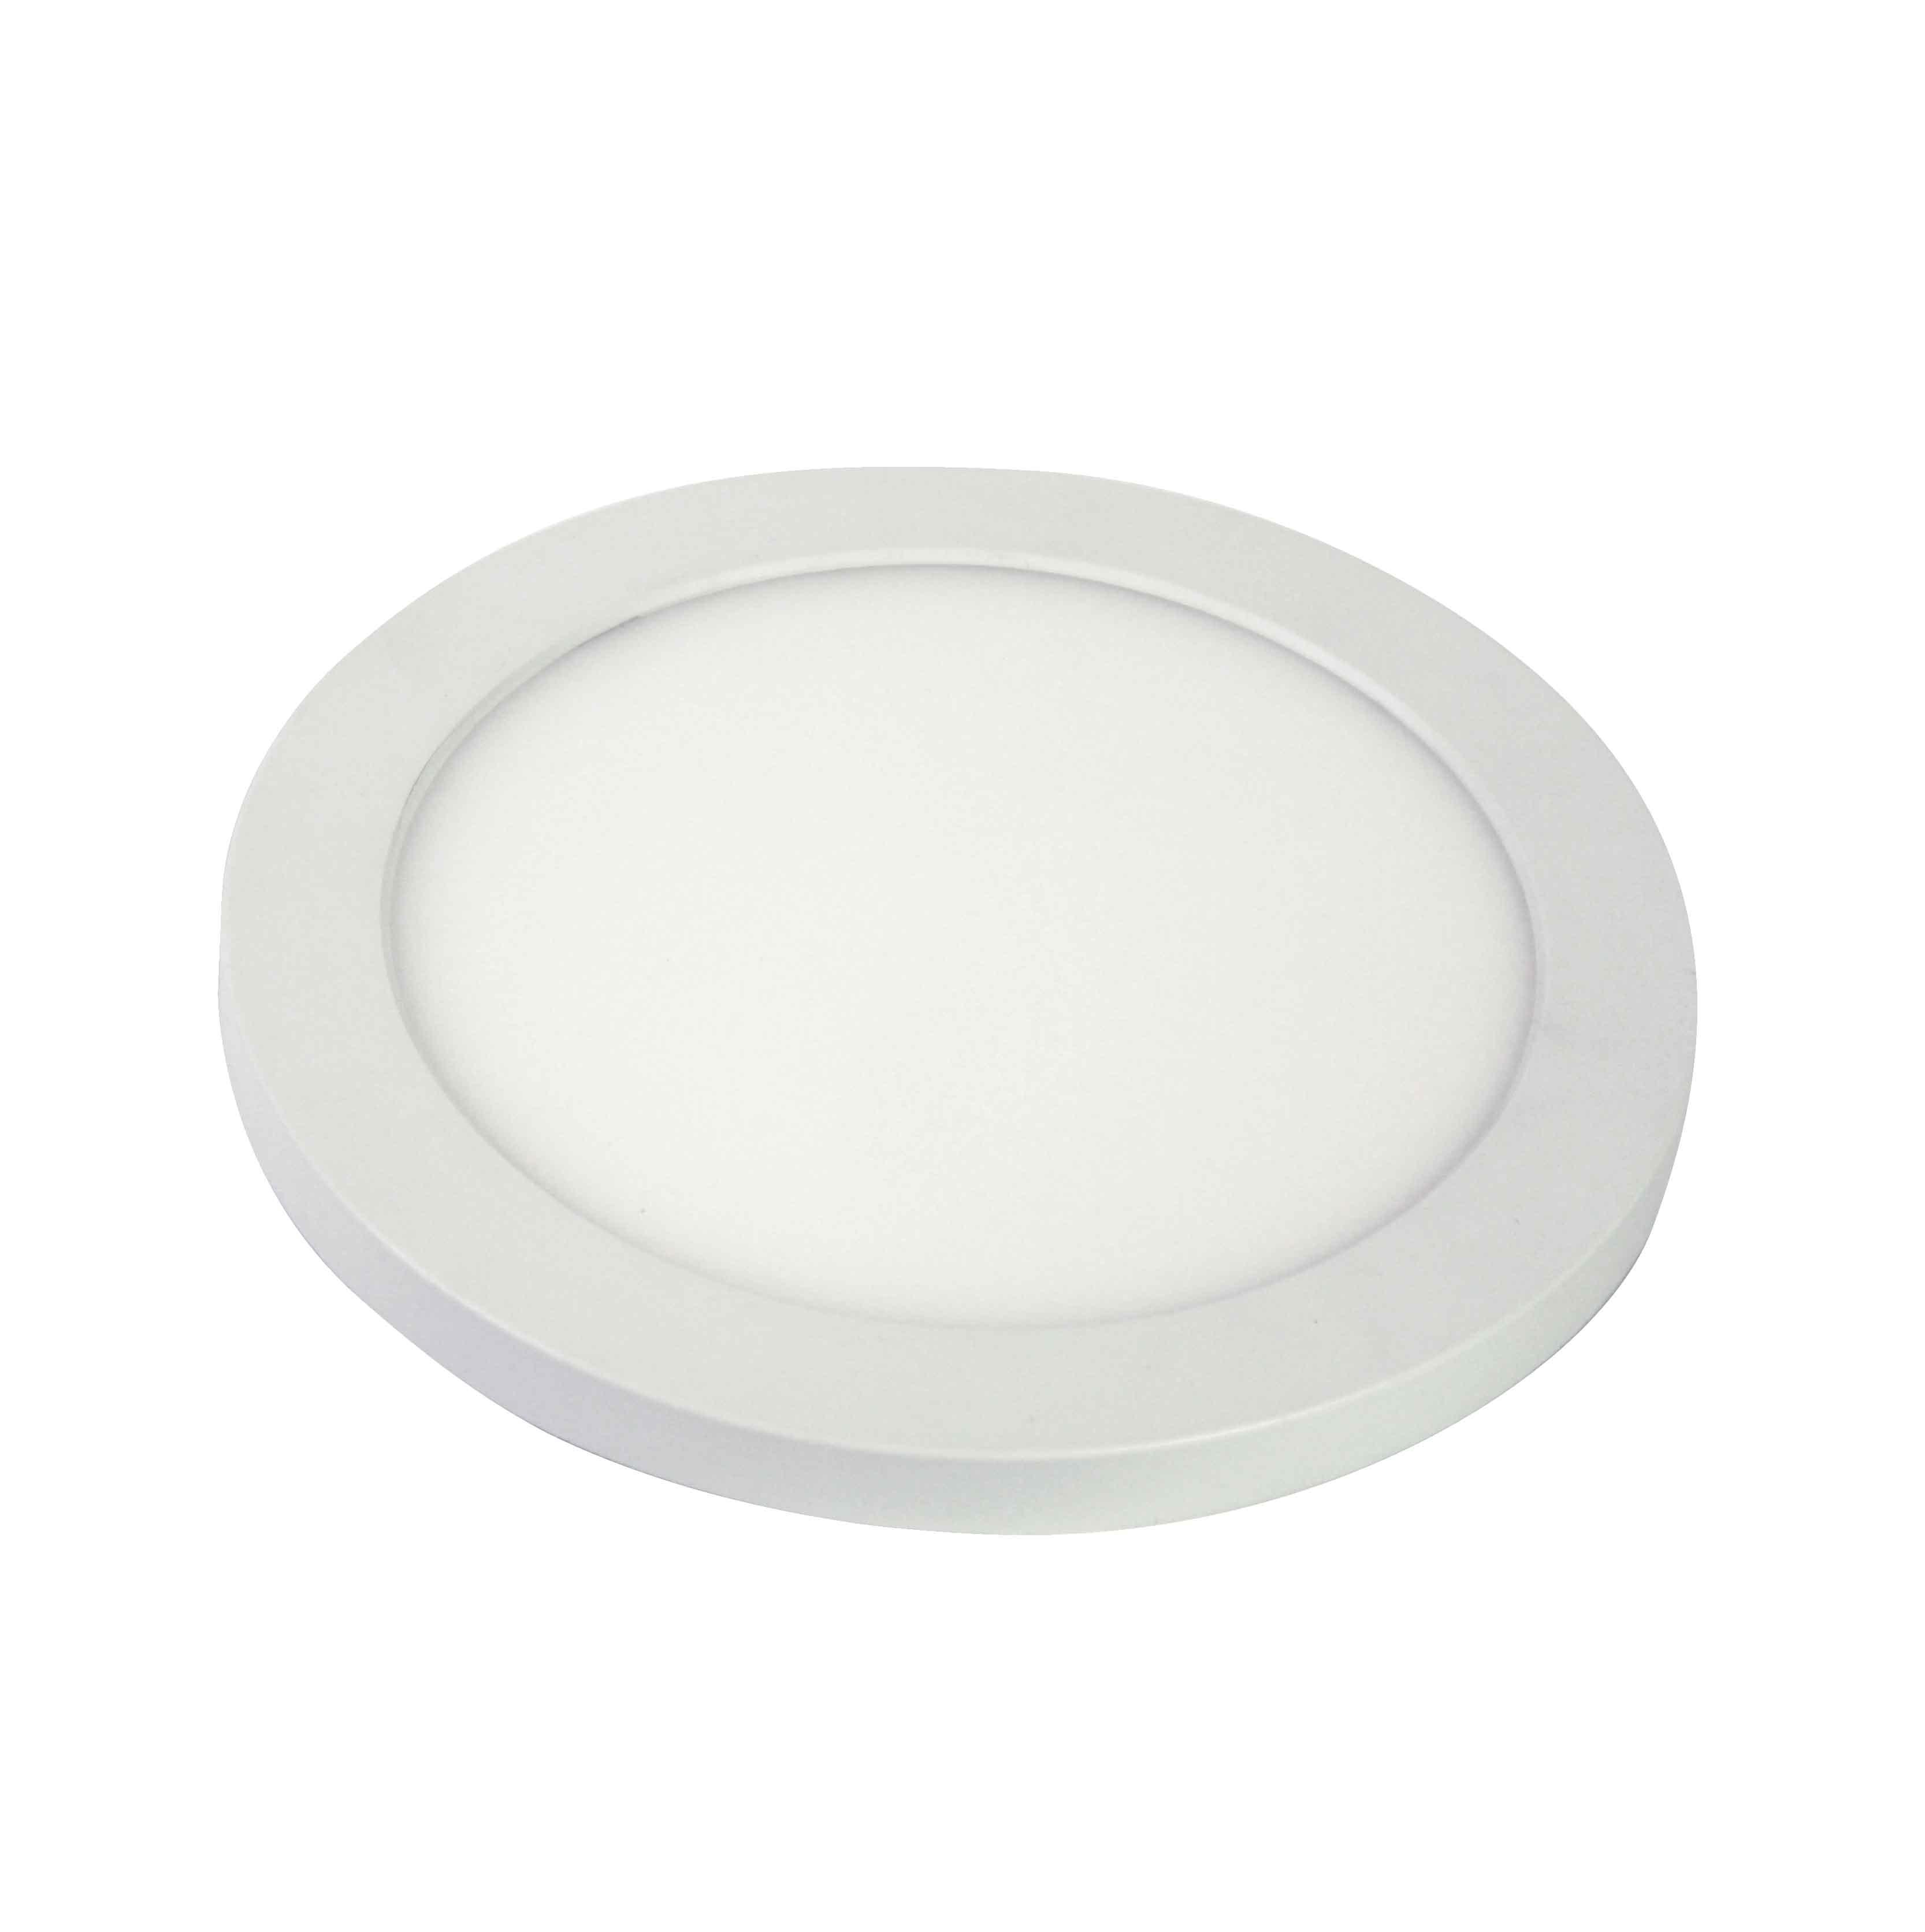 Disc Downlights